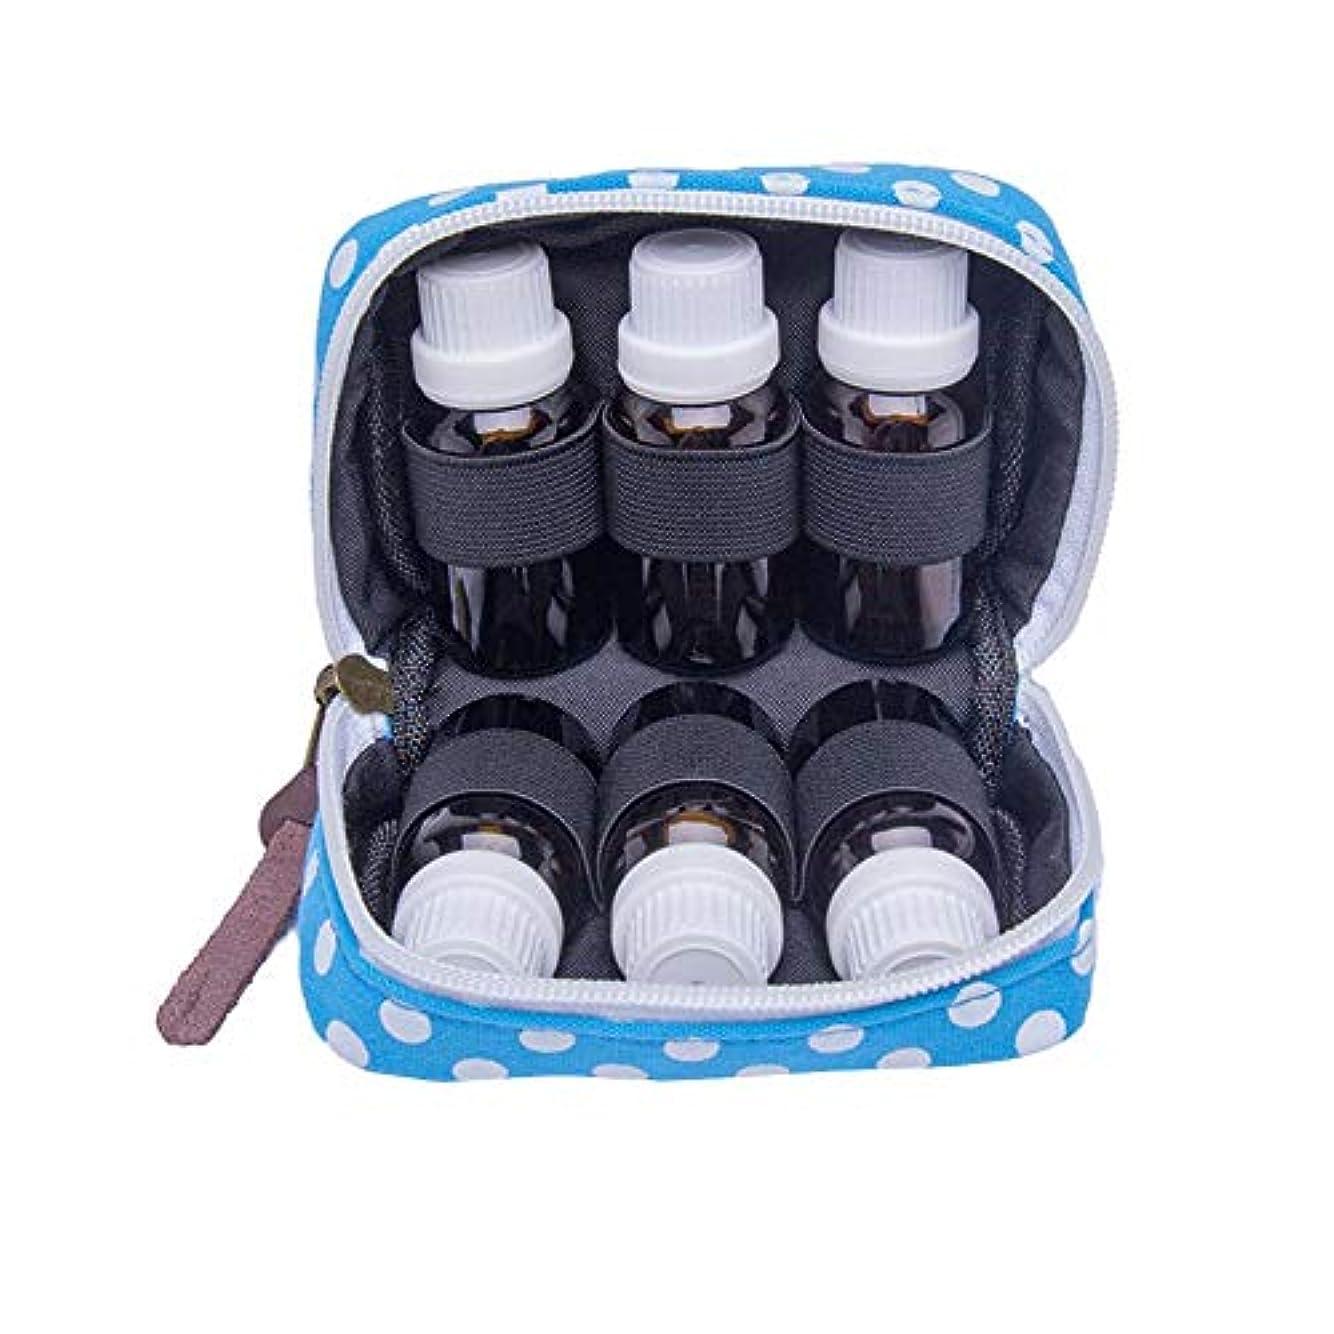 返還バリケード製油所Pursue エッセンシャルオイル収納ケース アロマオイル収納ボックス アロマポーチ収納ケース 耐震 携帯便利 香水収納ポーチ 化粧ポーチ 6本用